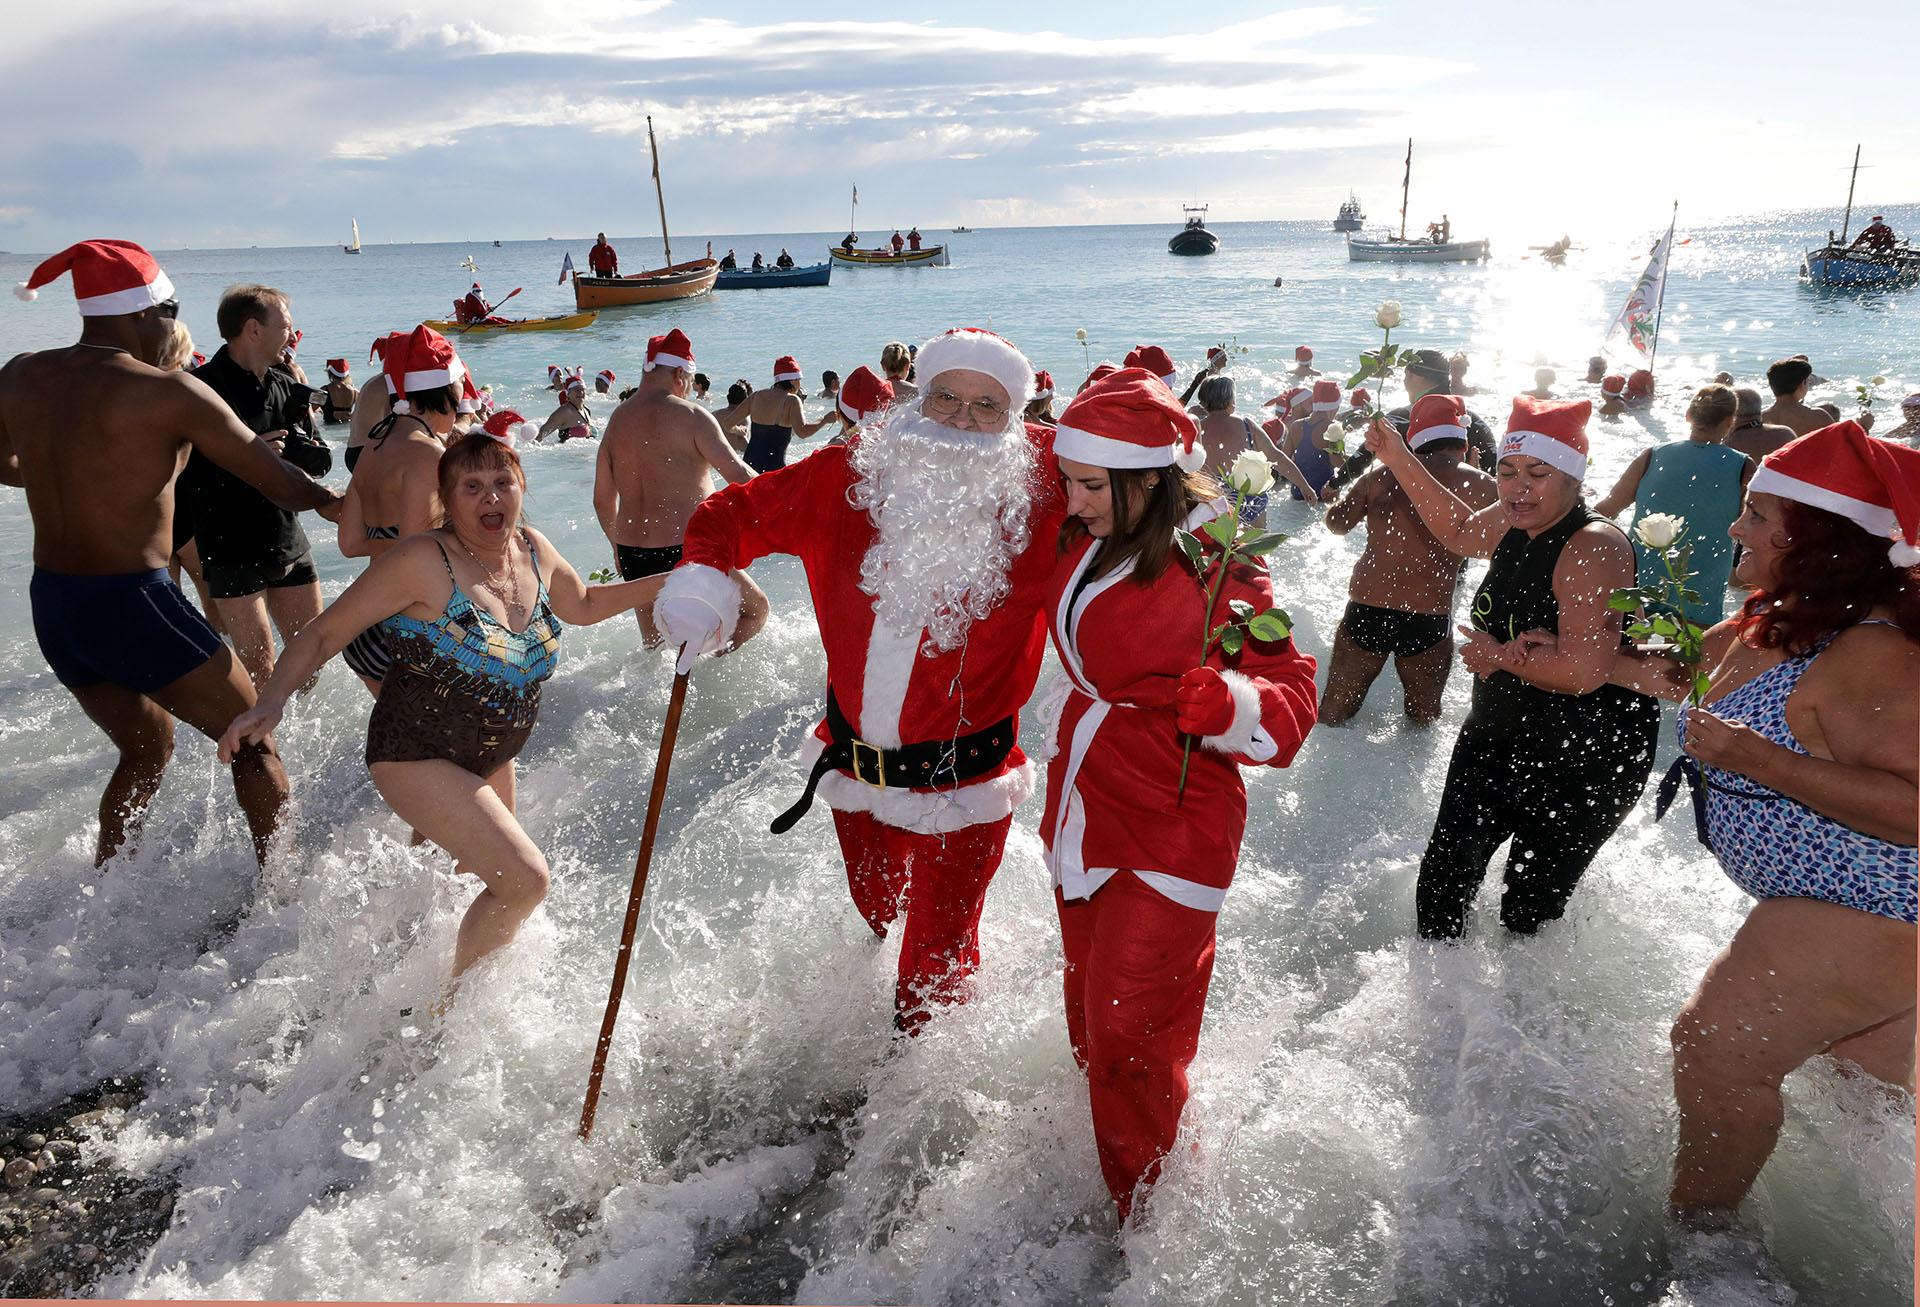 Un hombre vestido de Papá Noel participa en el tradicional baño navideño en Niza, Francia, el 17 de diciembre de 2017. (Reuters)